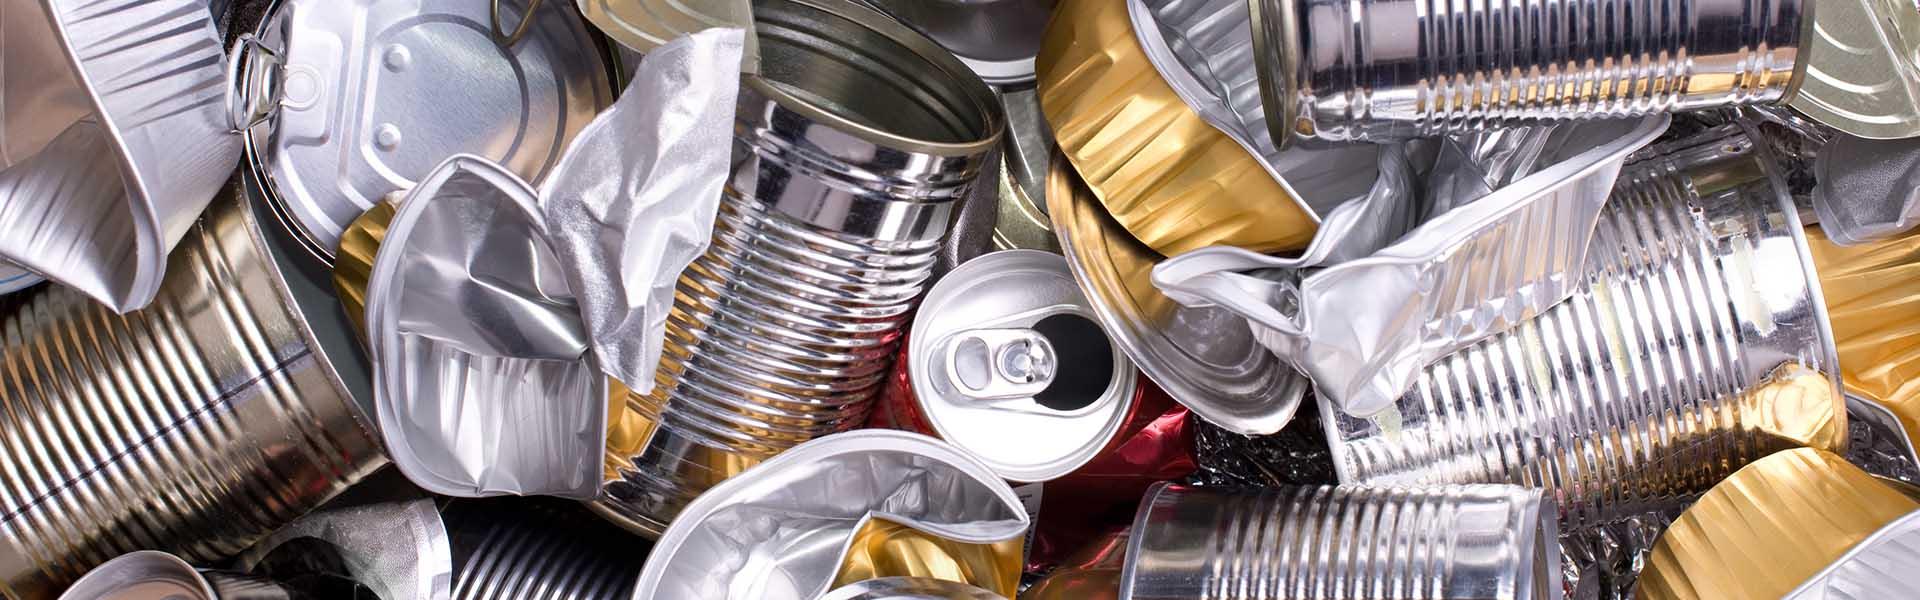 metal-cans.jpg